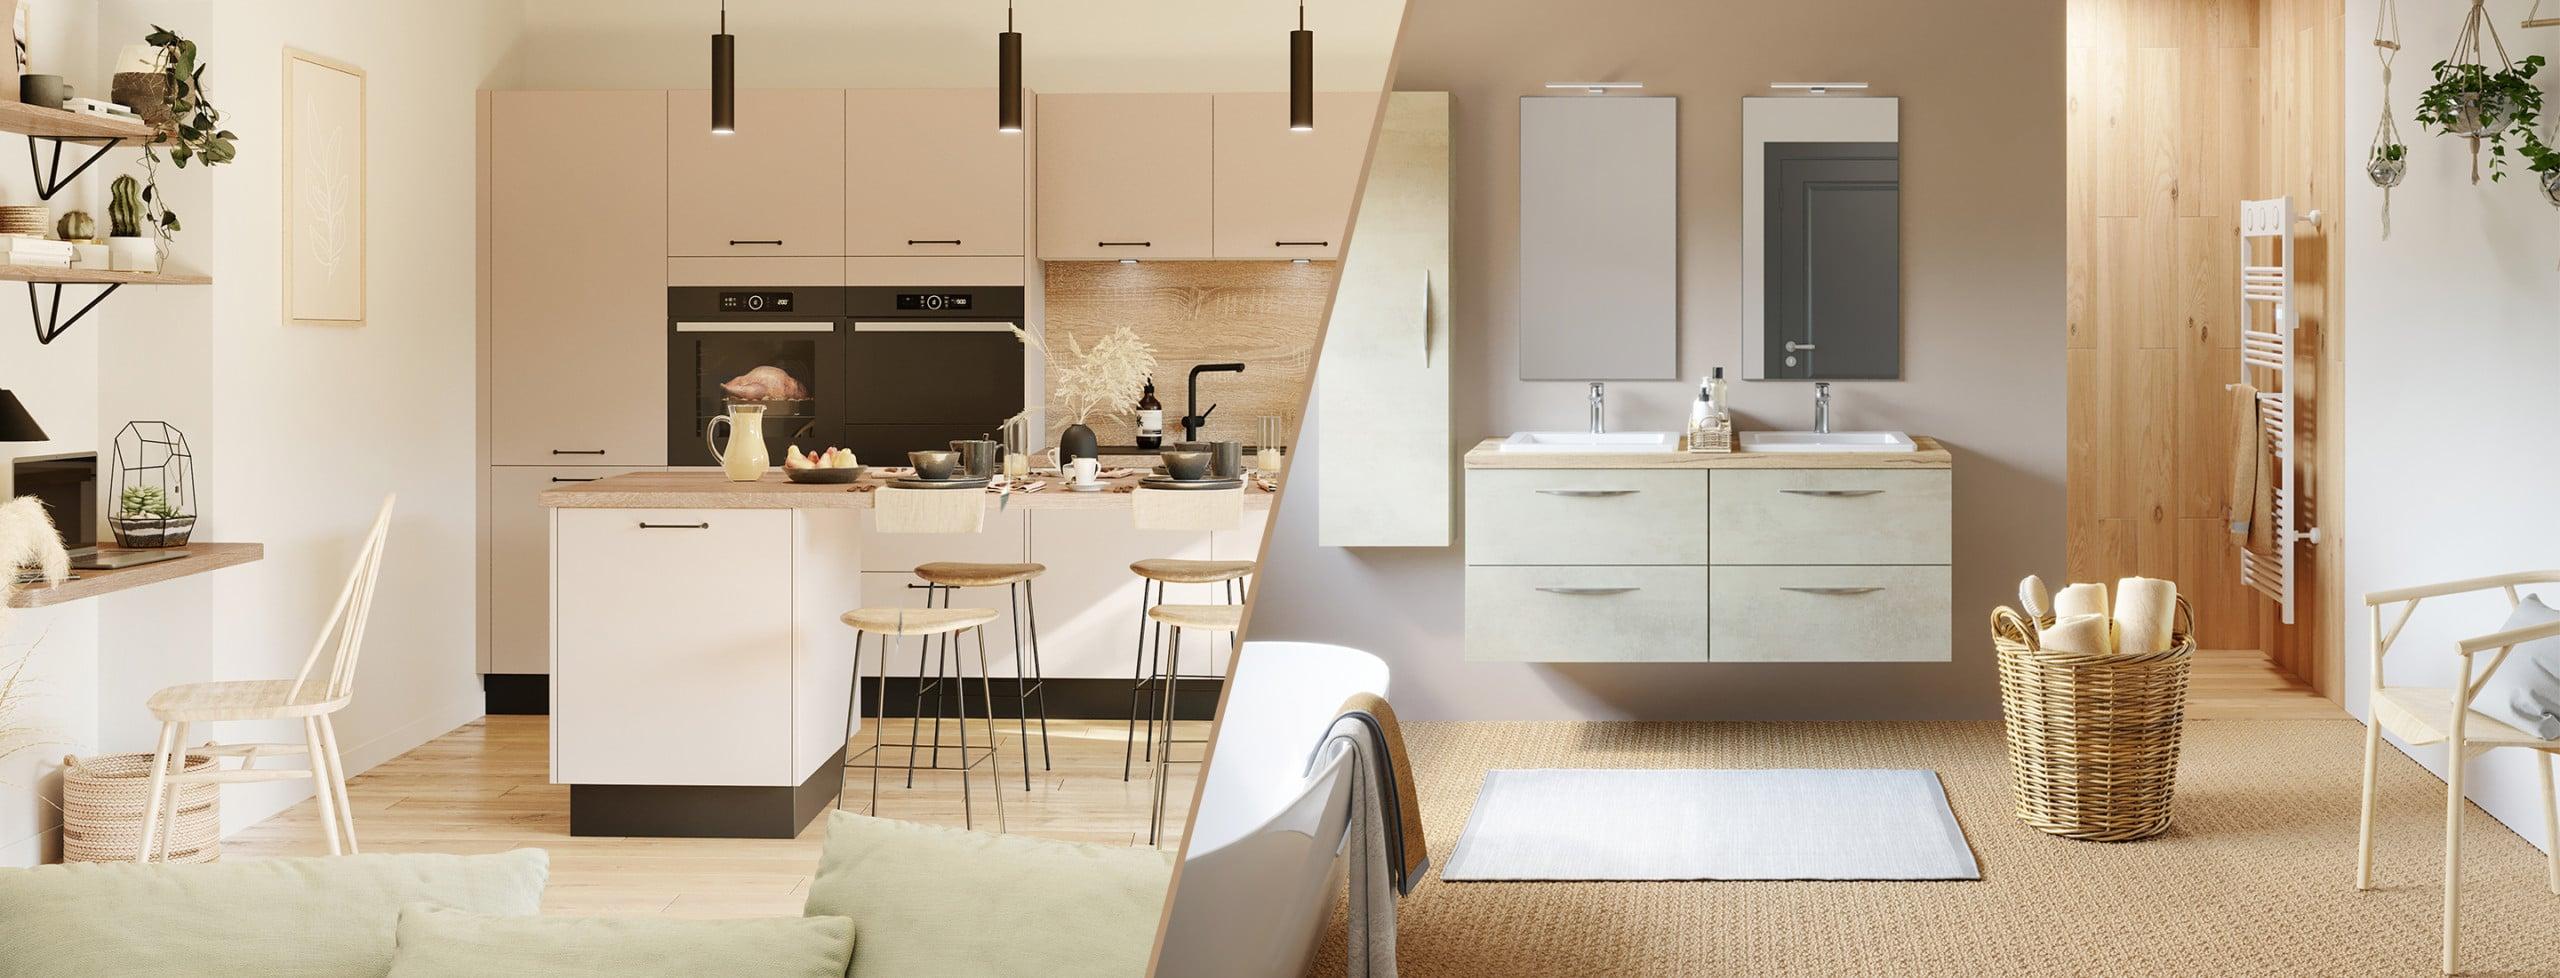 cuisine et salle de bain style épuré discac